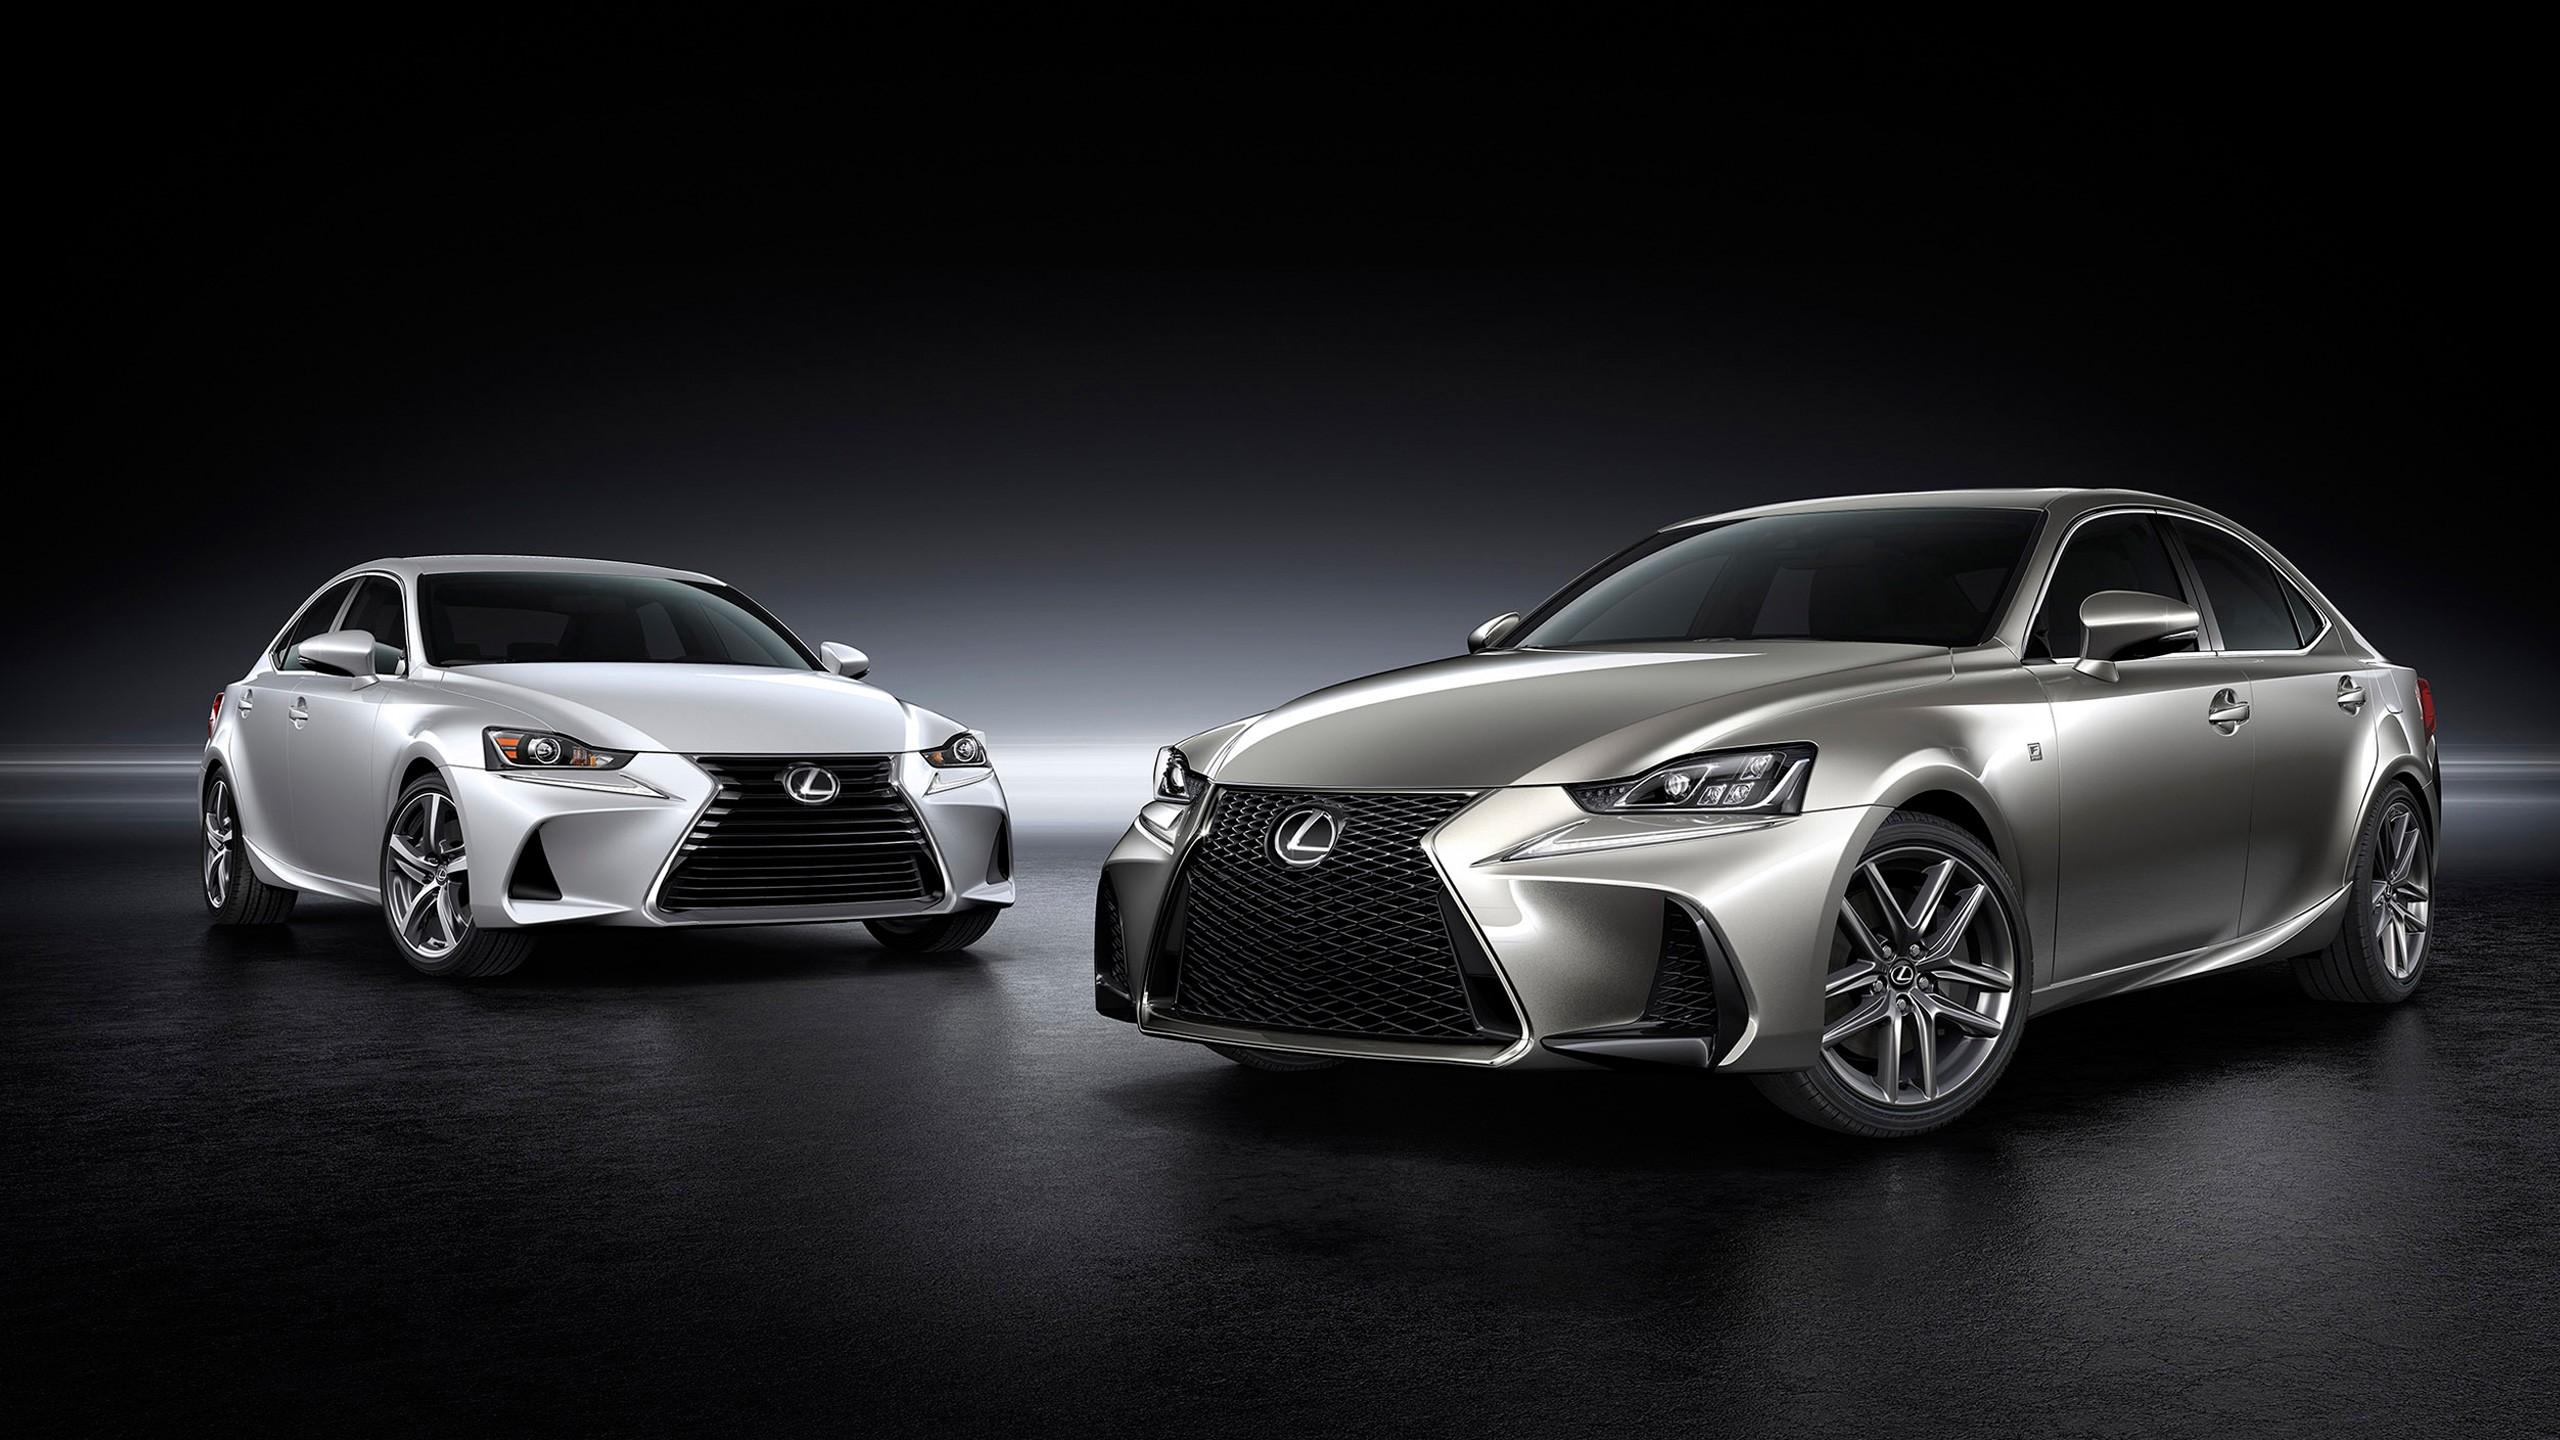 Lexus F Sport >> 2017 Lexus IS Wallpaper | HD Car Wallpapers | ID #6494